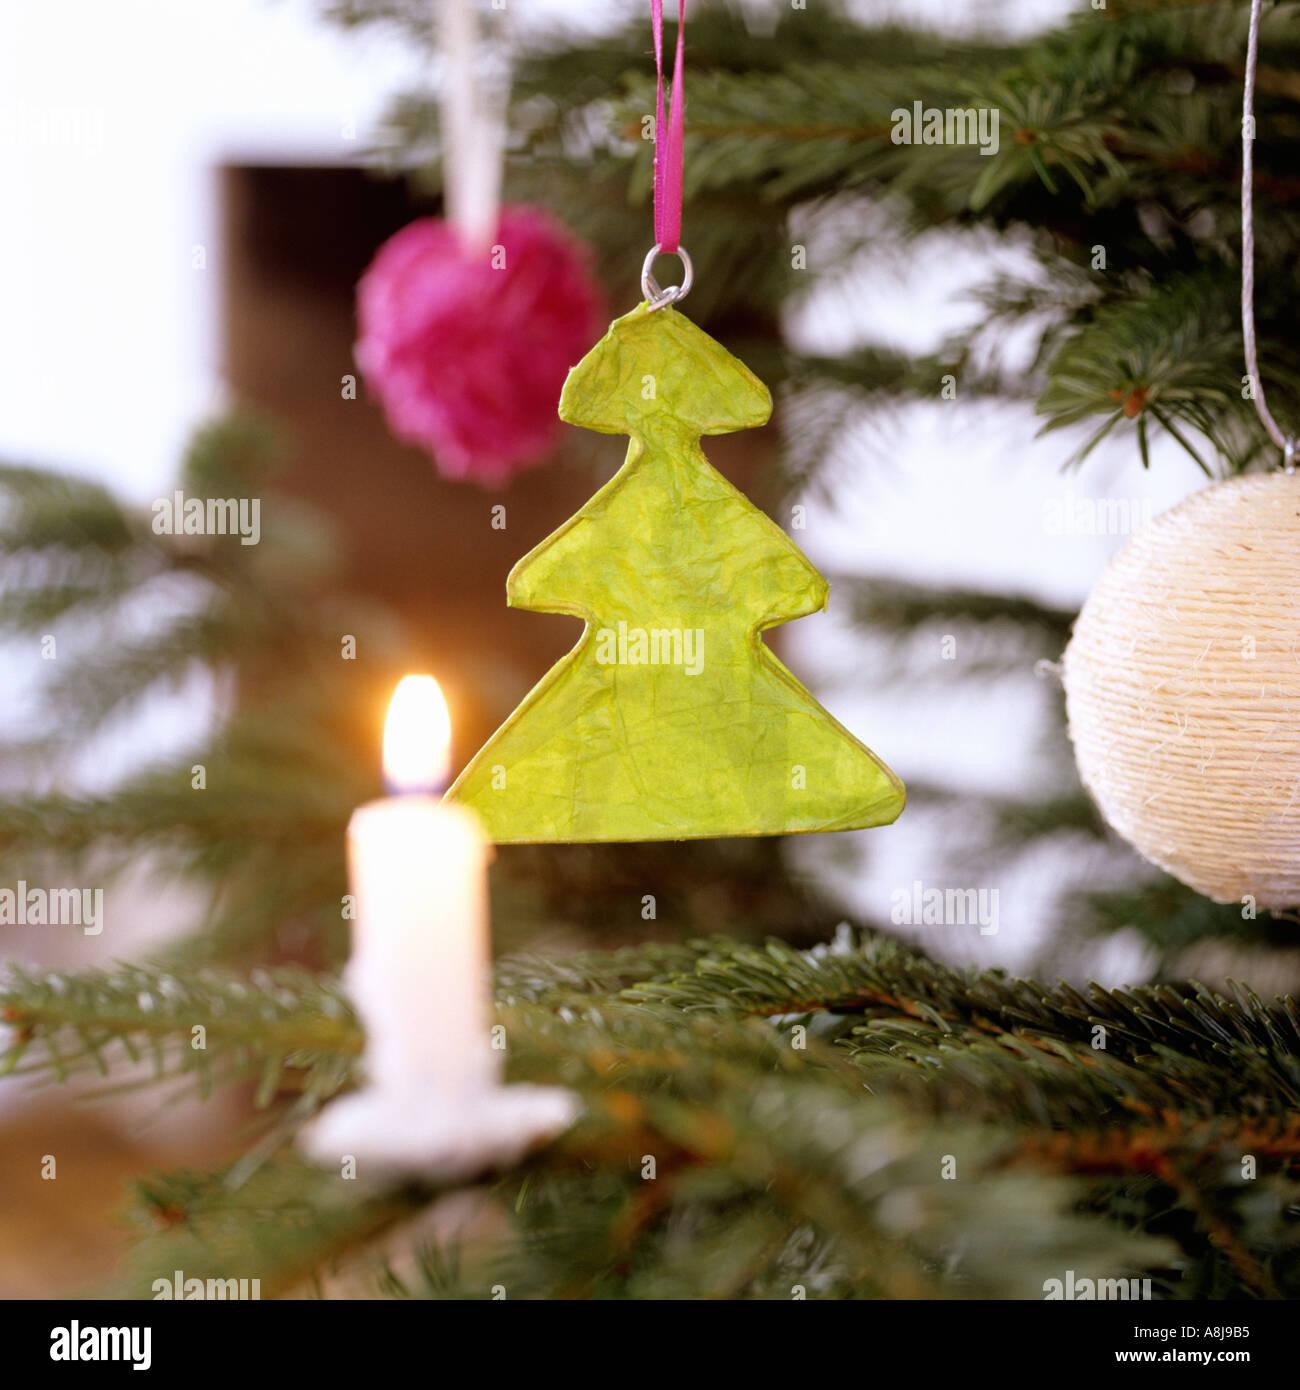 Handgefertigte Weihnachtsdekoration Stockbild